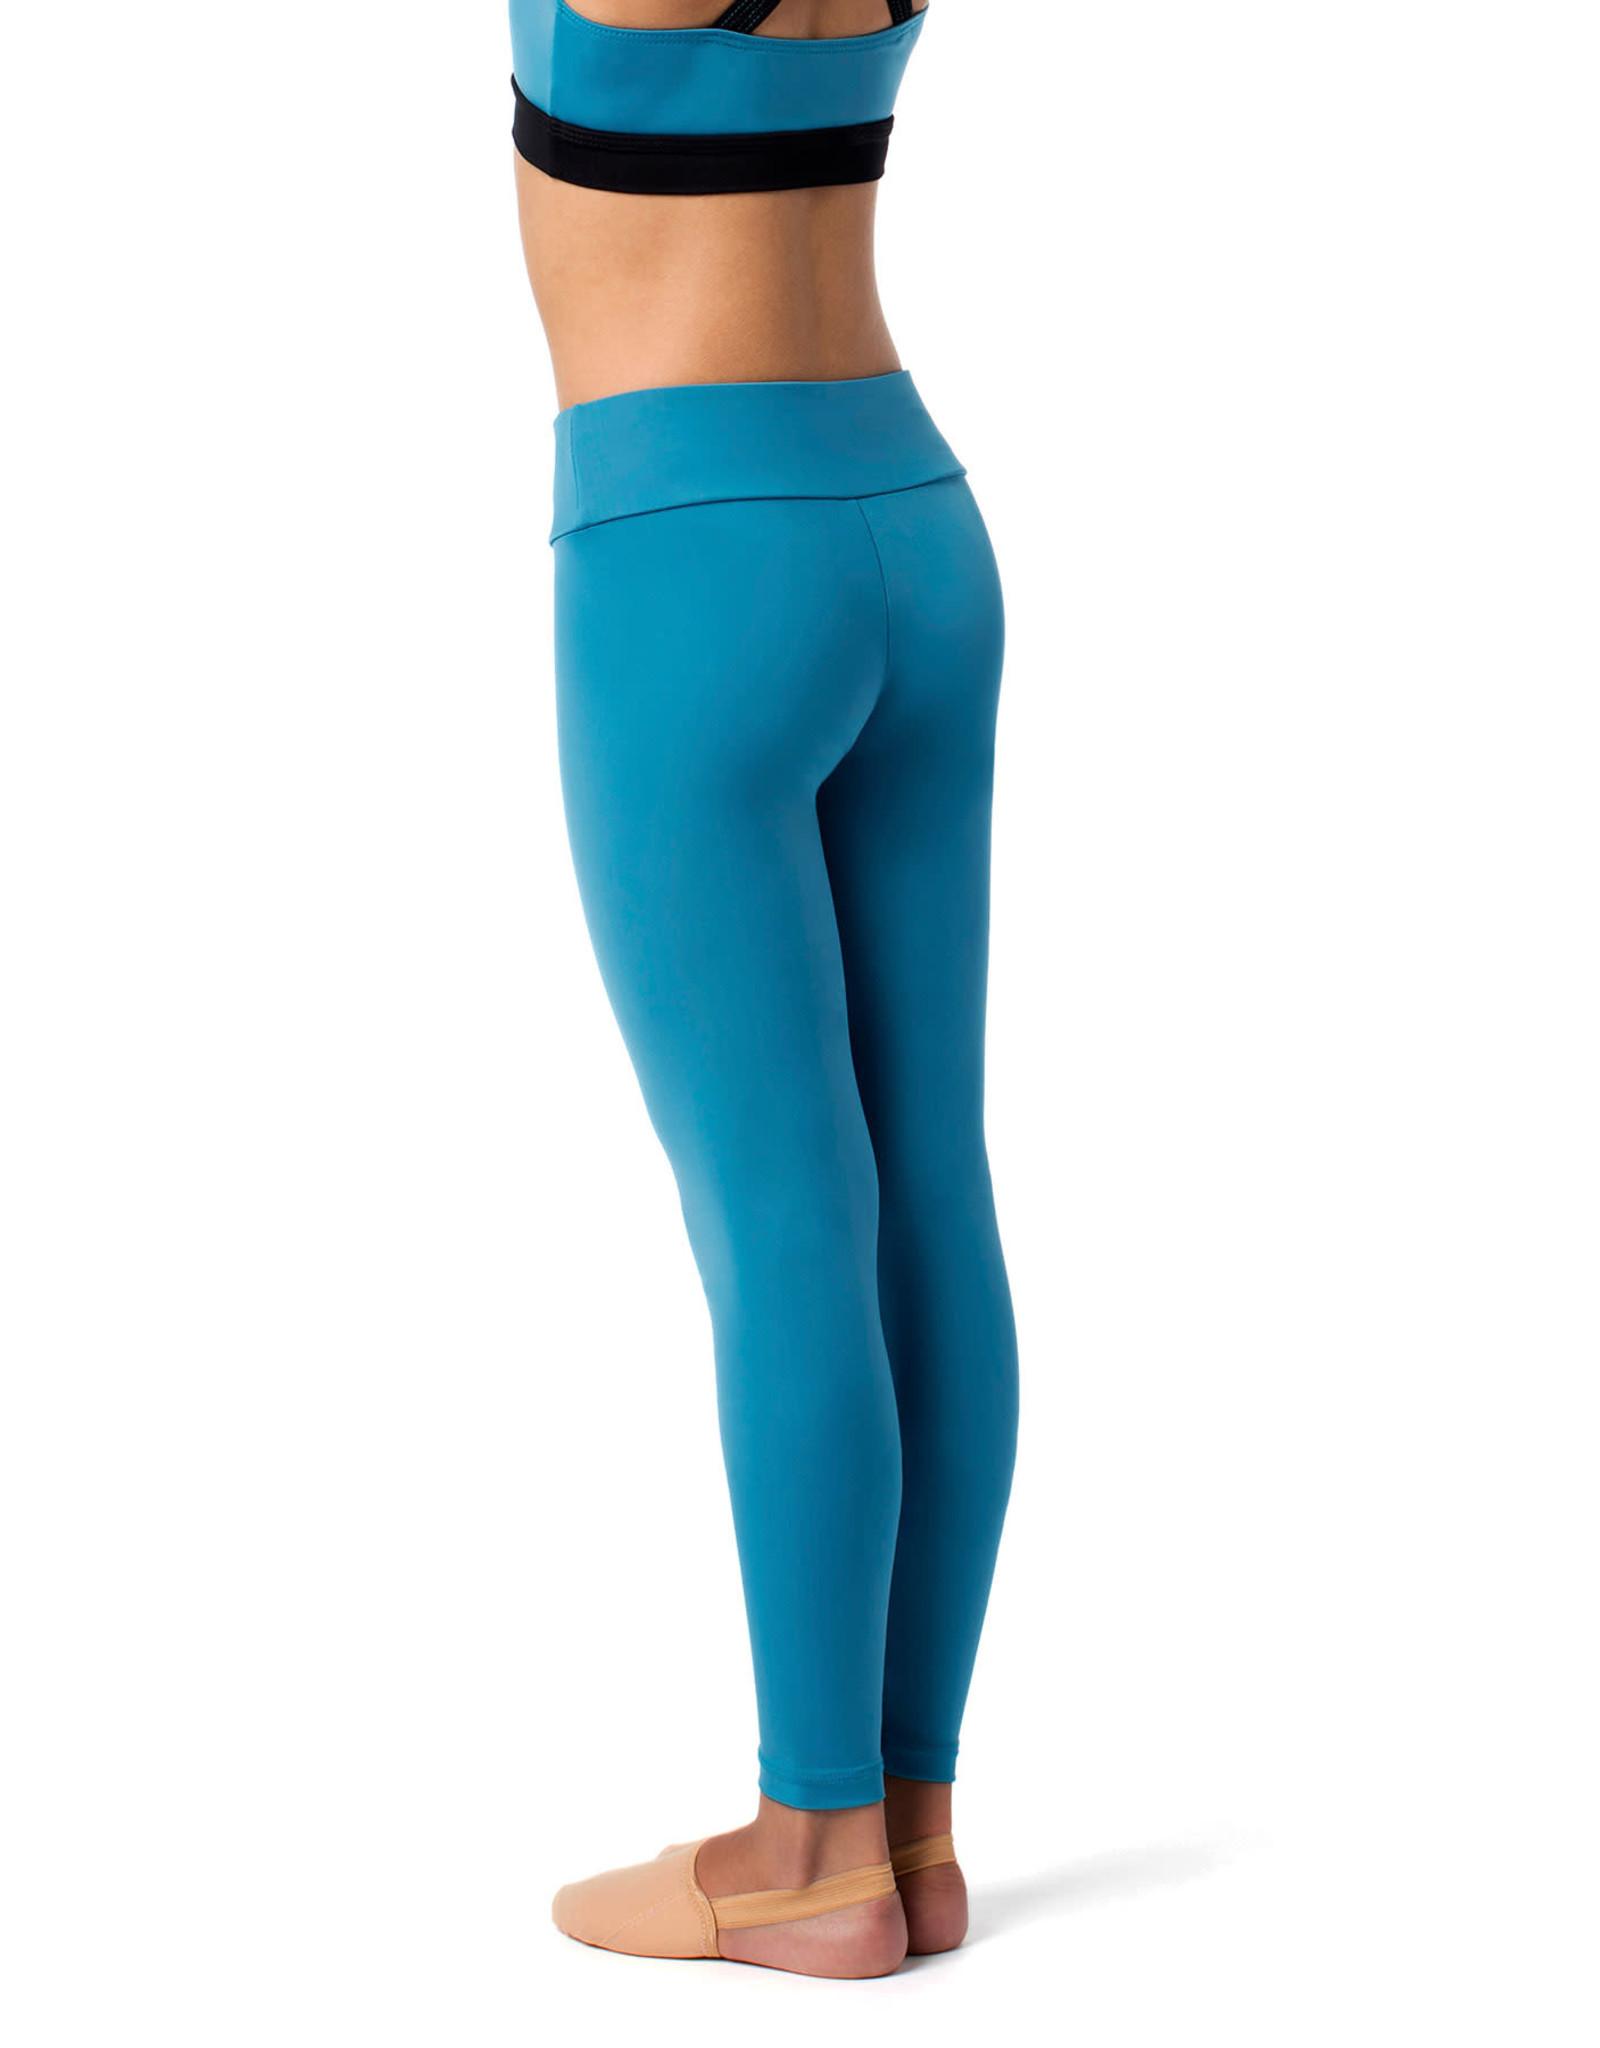 SoDanća SL156 Child full length leggings.